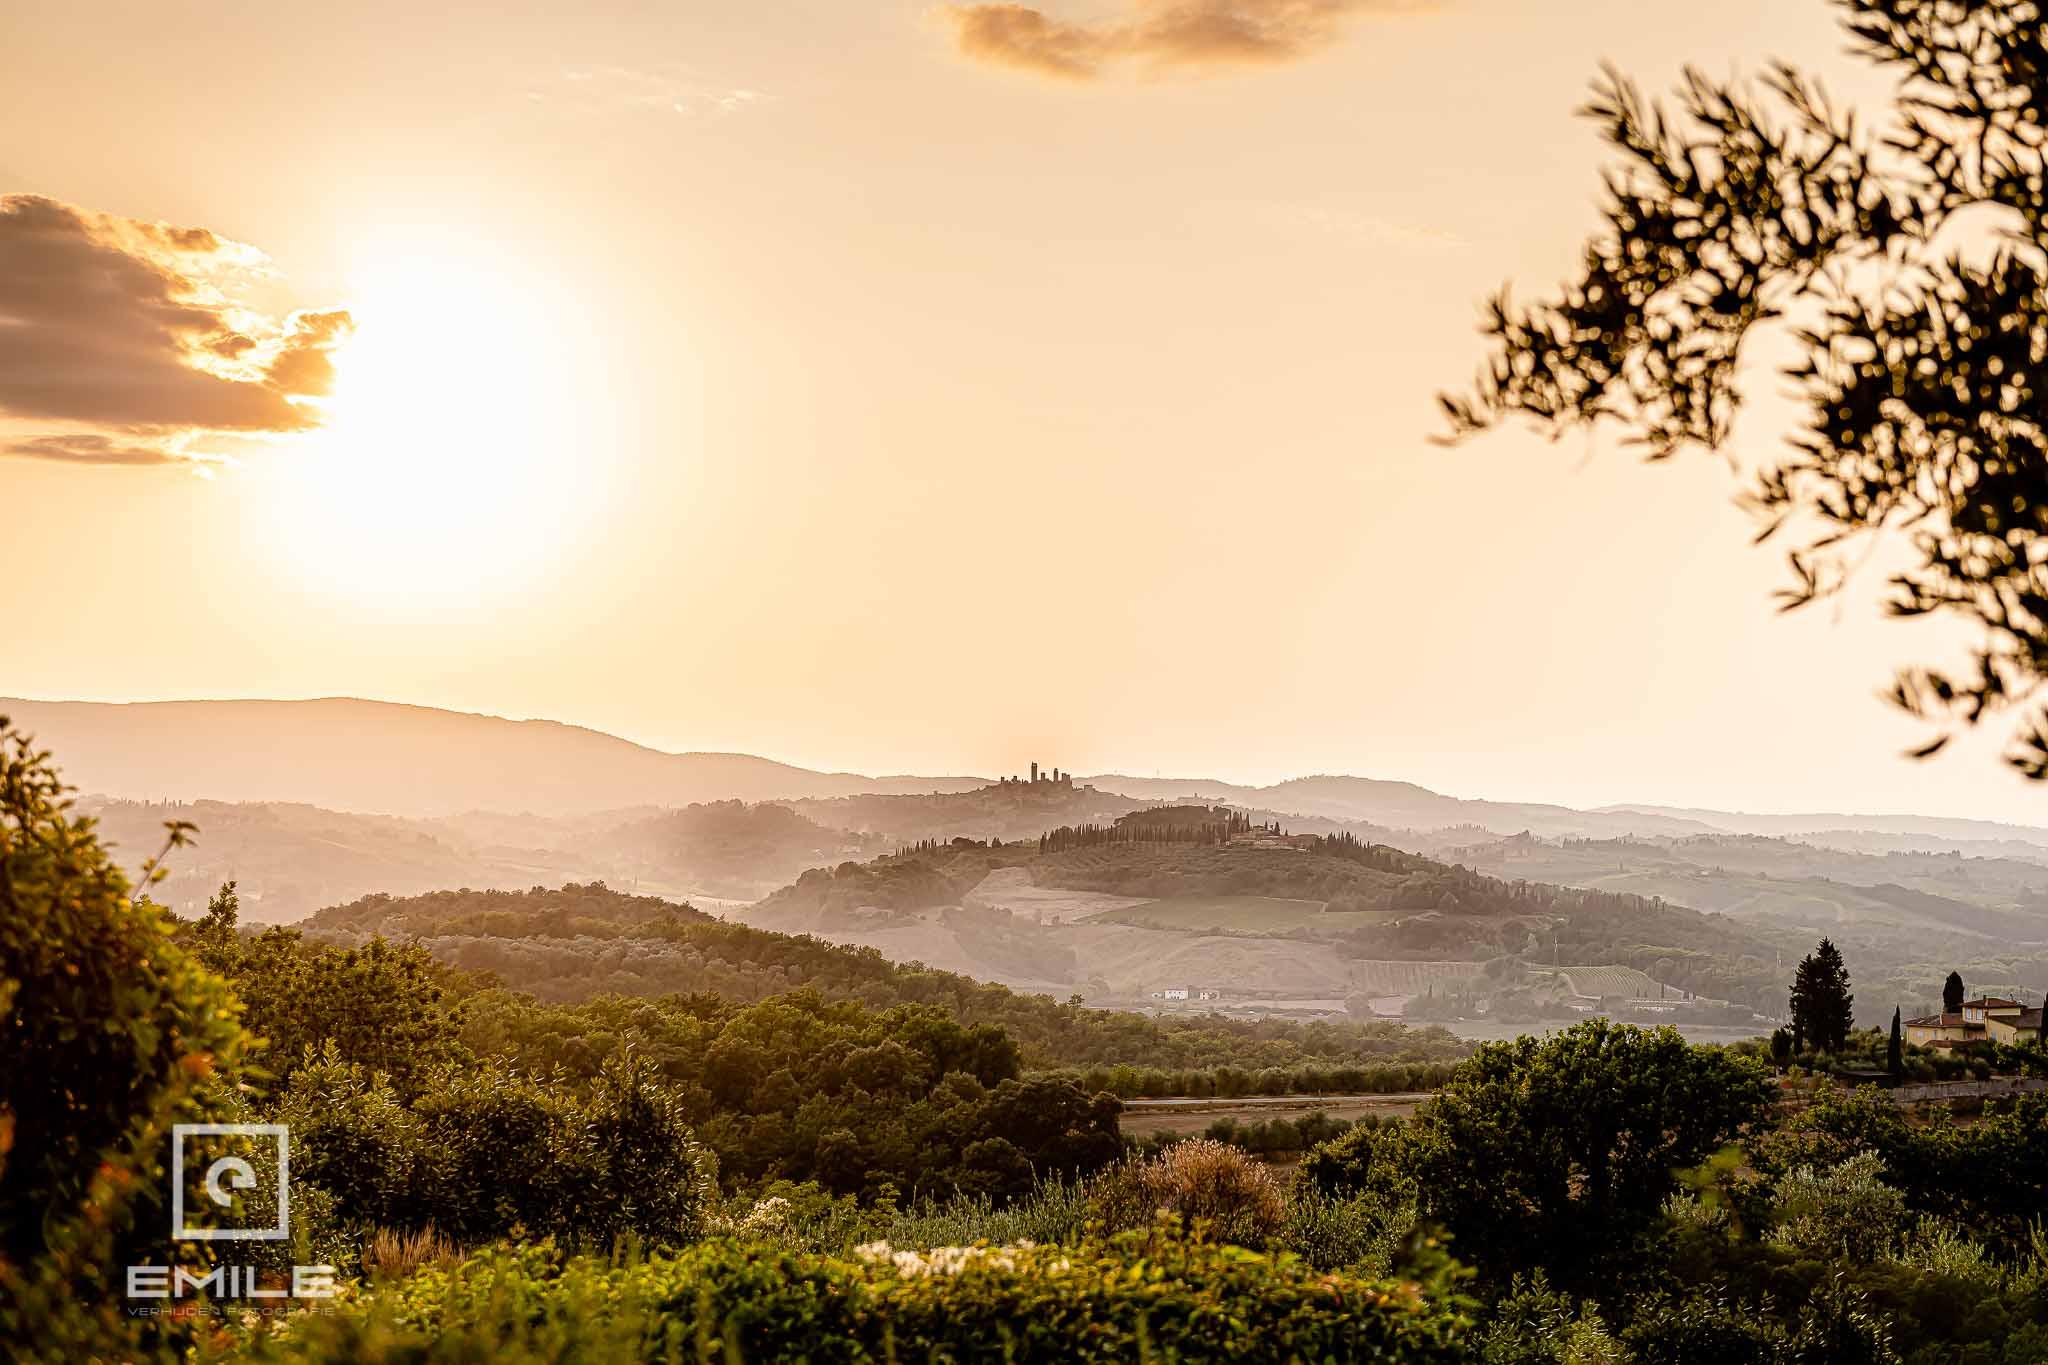 Uitzicht vanaf locatie naar de prachtige berg van San Gimignano - Destination wedding San Gimignano - Toscane Italie - Iris en Job